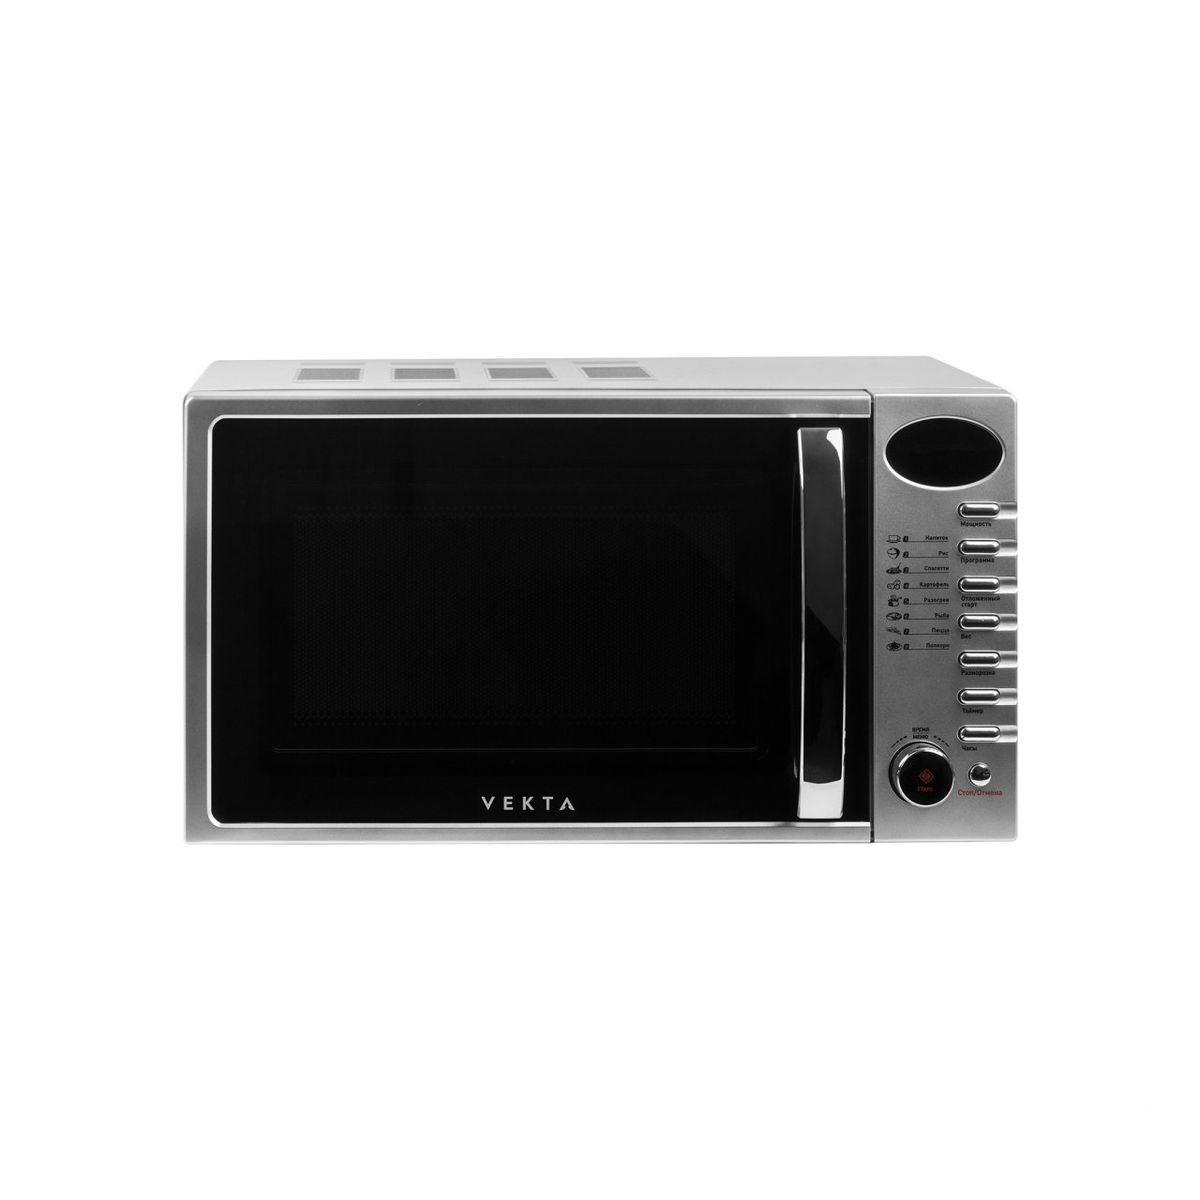 Микроволновая печь Vekta TS720ATS, серебристый #1